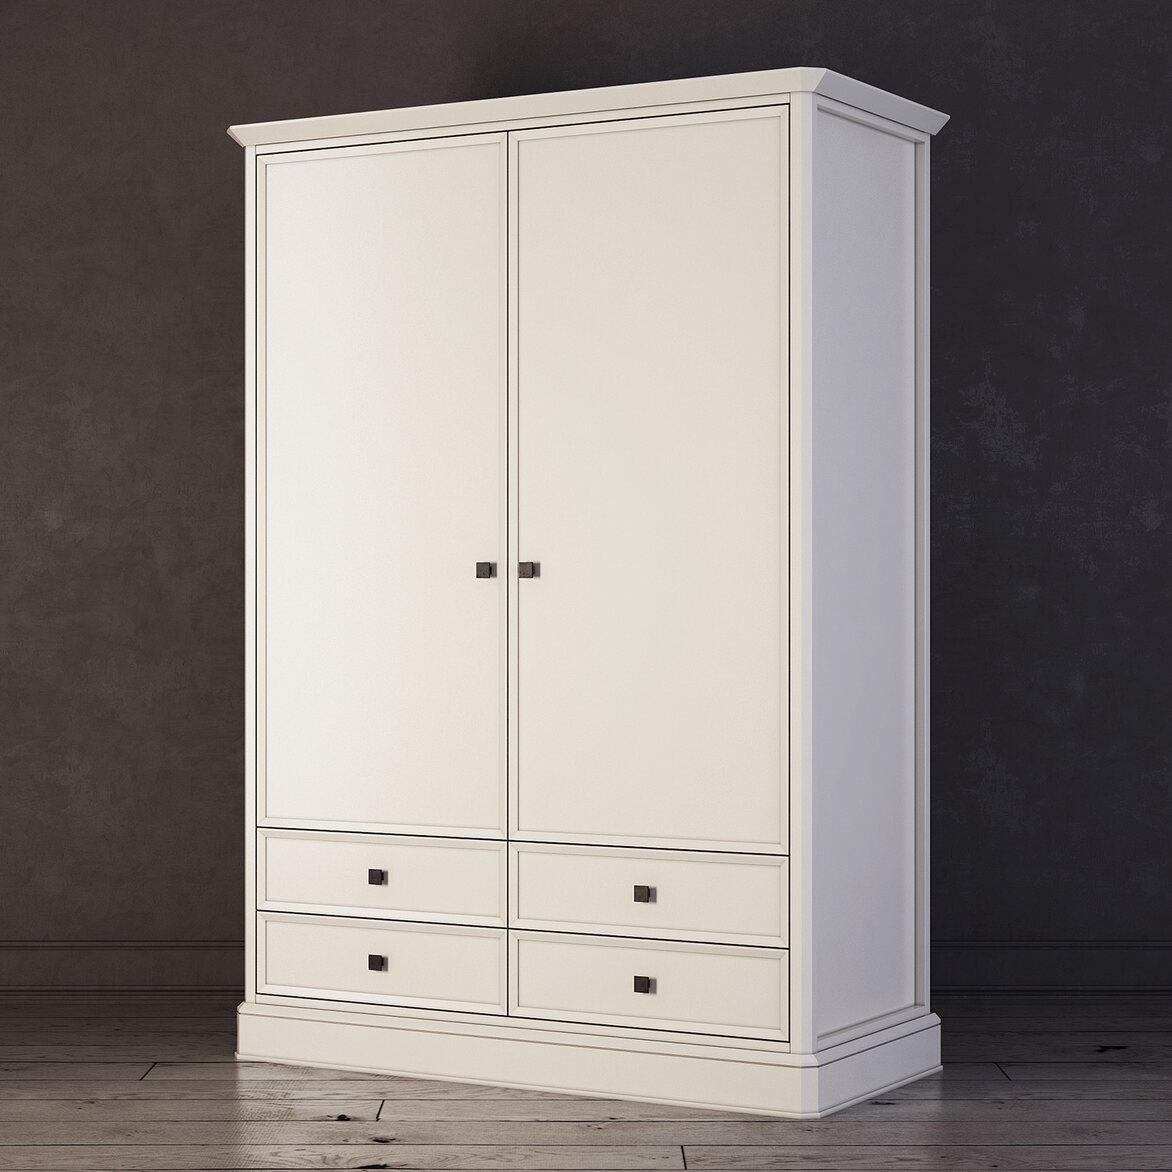 Шкаф двухстворчатый с ящиками Ellington, белый 2 | Платяные шкафы Kingsby